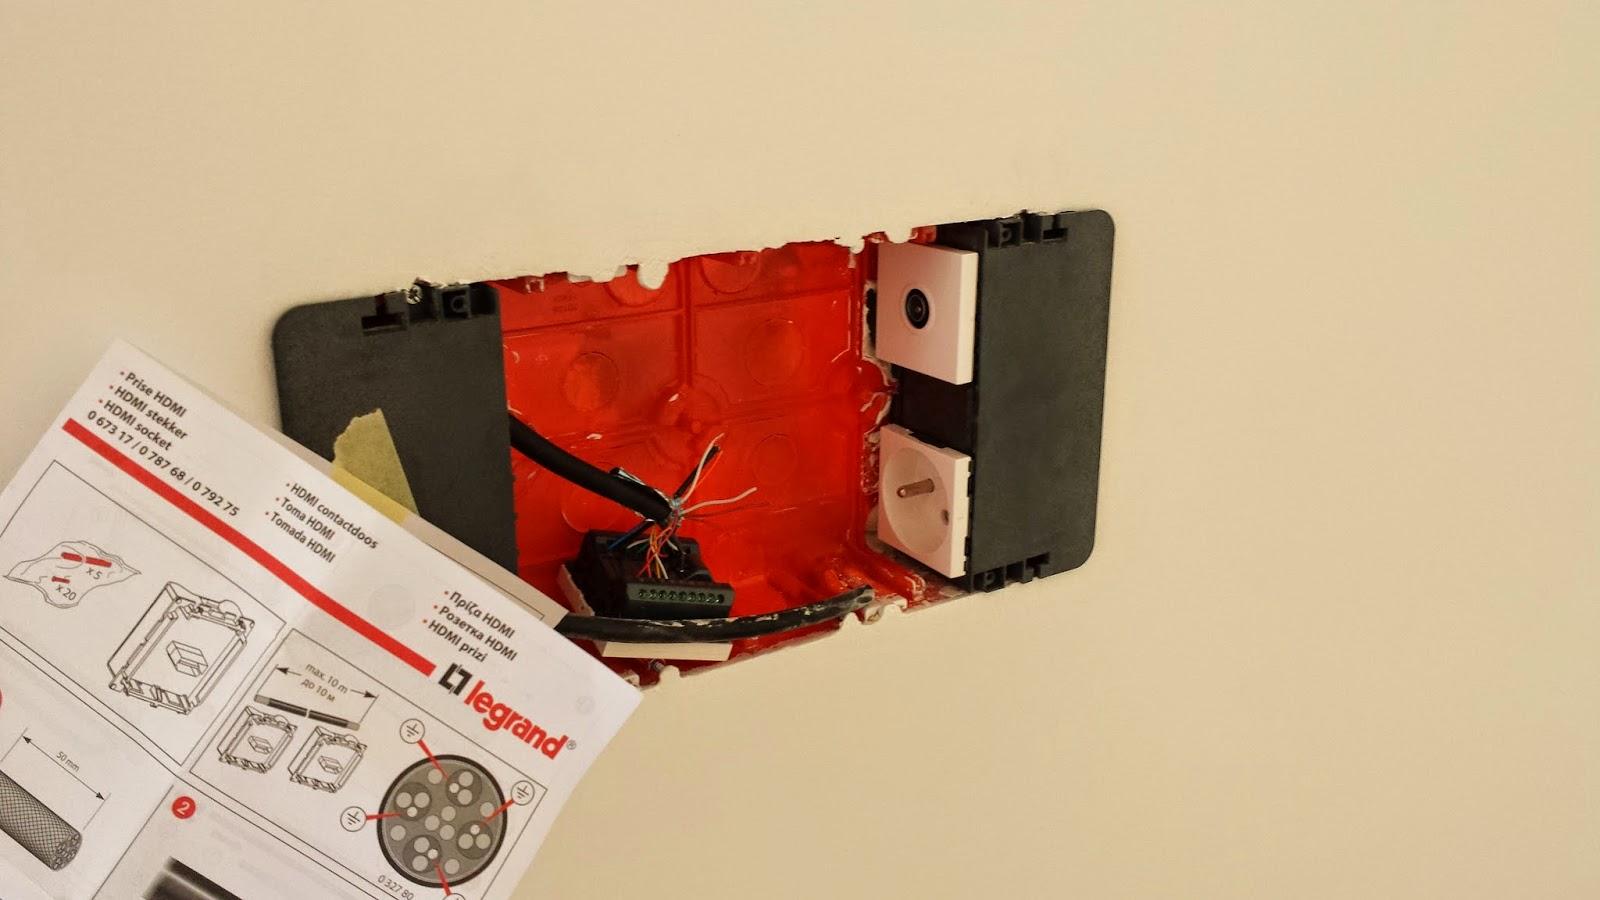 L renov tous legrand batibox multim dia une tv au mur sans c bles visibles - Boitier batibox multimedia ...